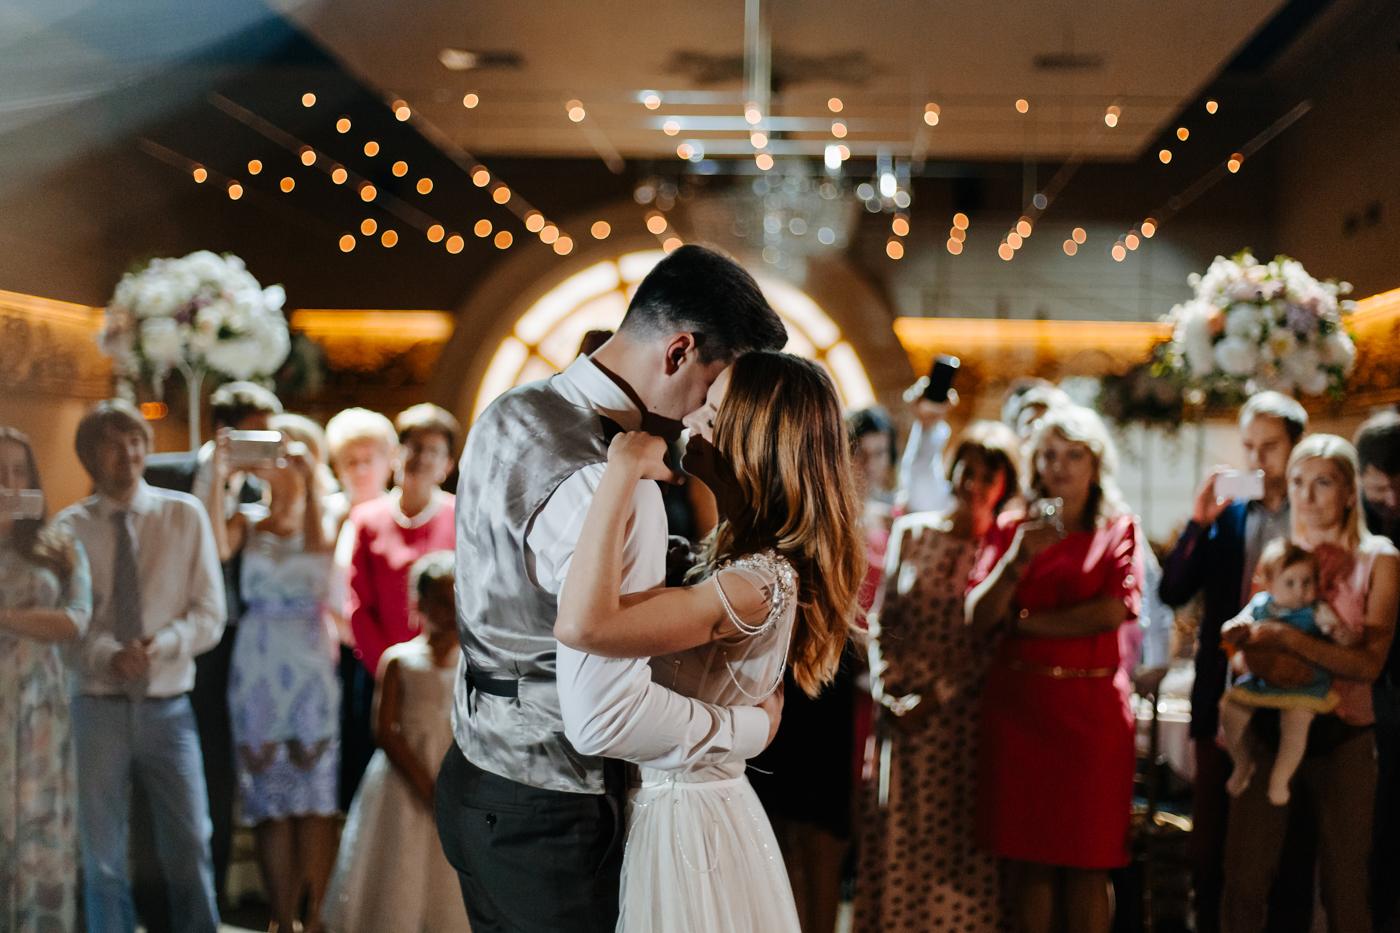 клей титан нанять фотографа на свадьбу в спб противном случае